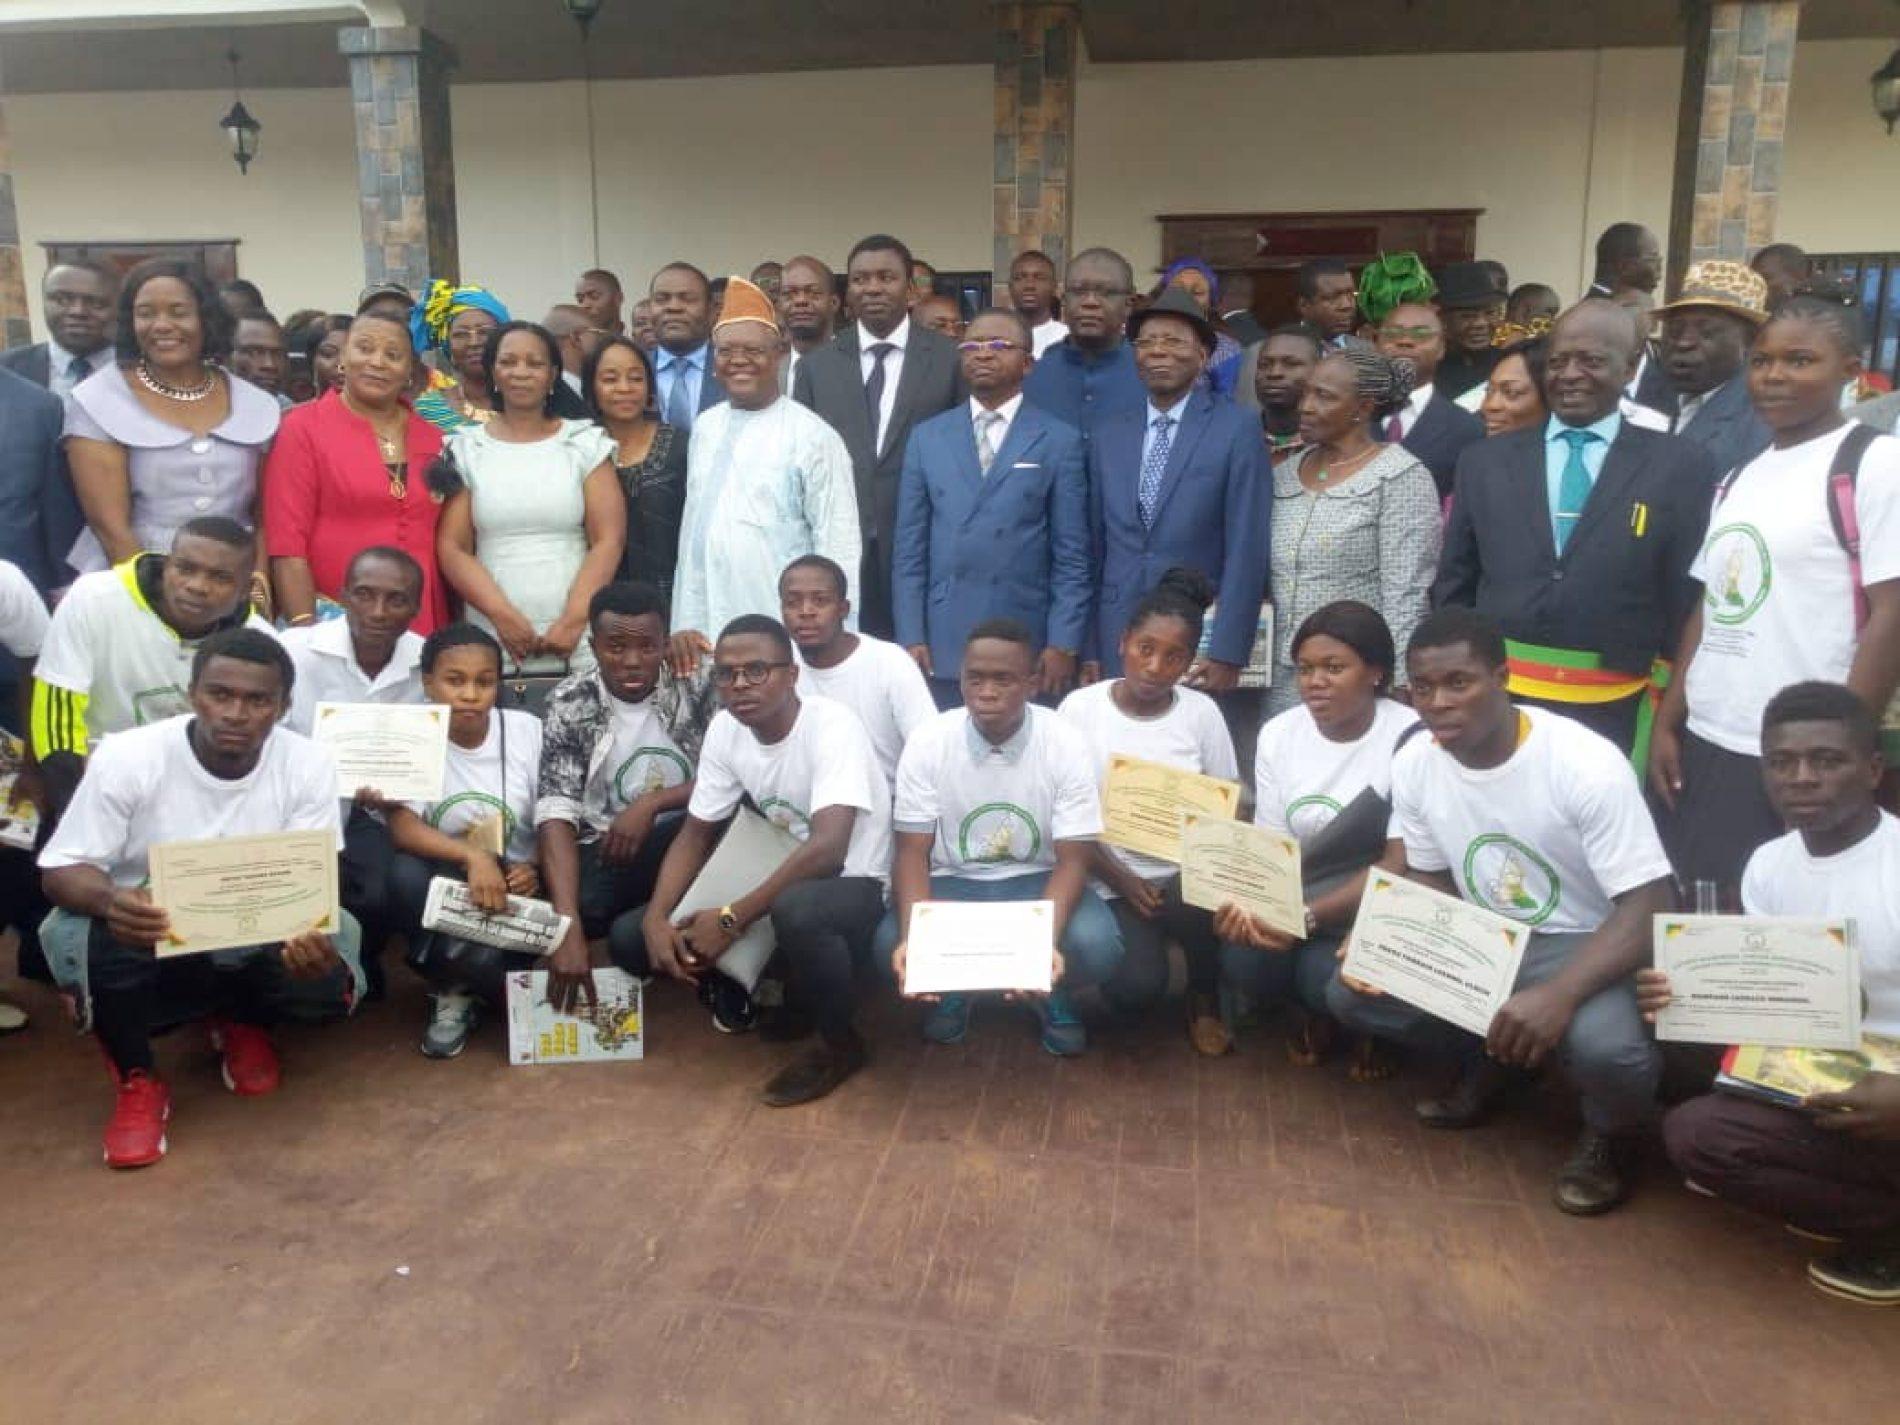 Région de l'Est : La jeunesse méritante à l'honneur à Dimako